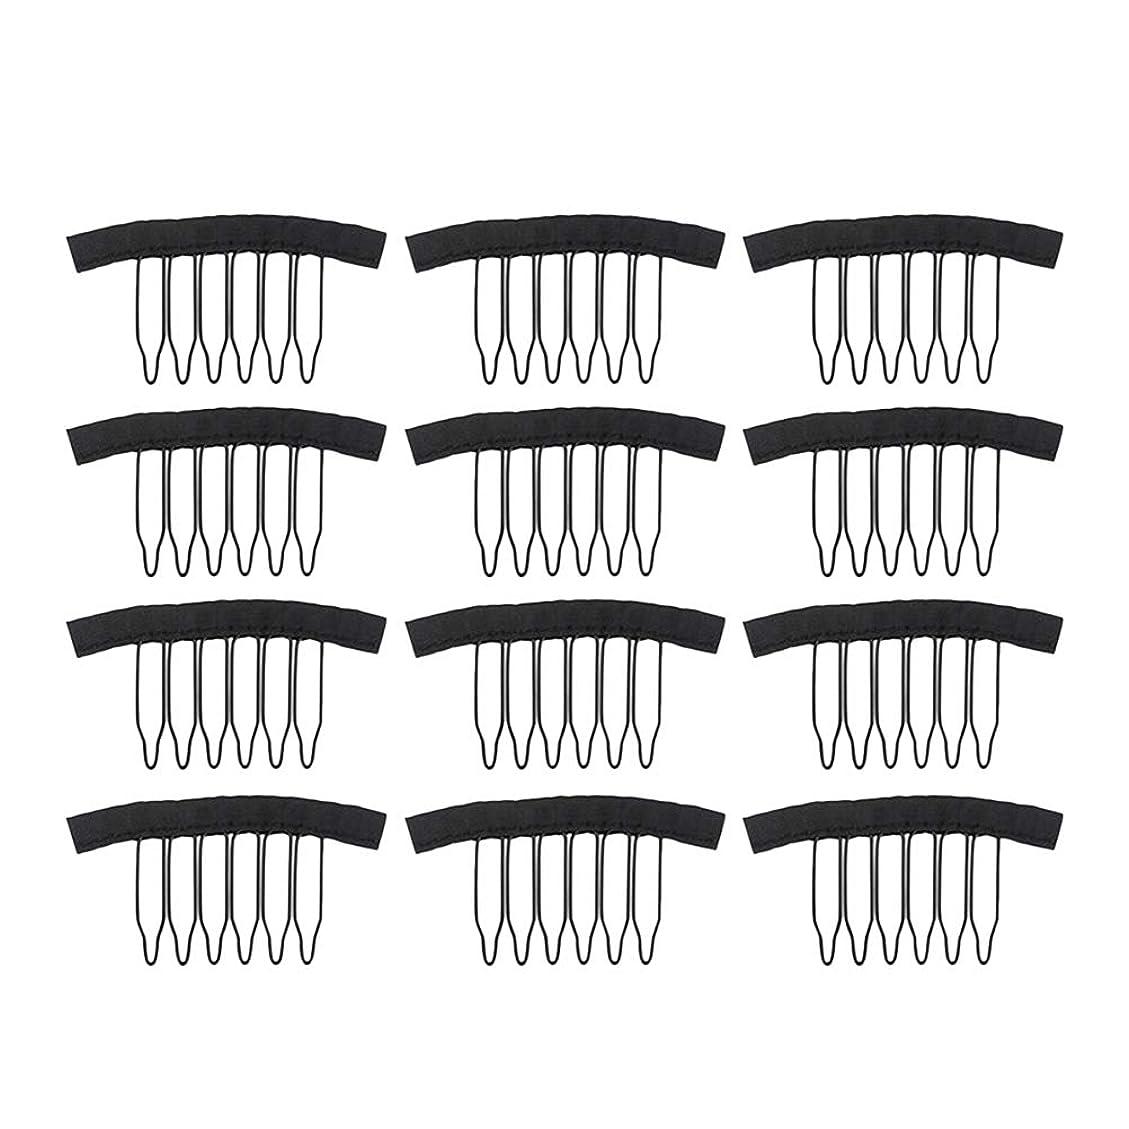 覚えている毎日シェルLurrose レースのかつらの帽子の毛延長のための12個のステンレス鋼のかつらクリップウィッグの櫛(黒)